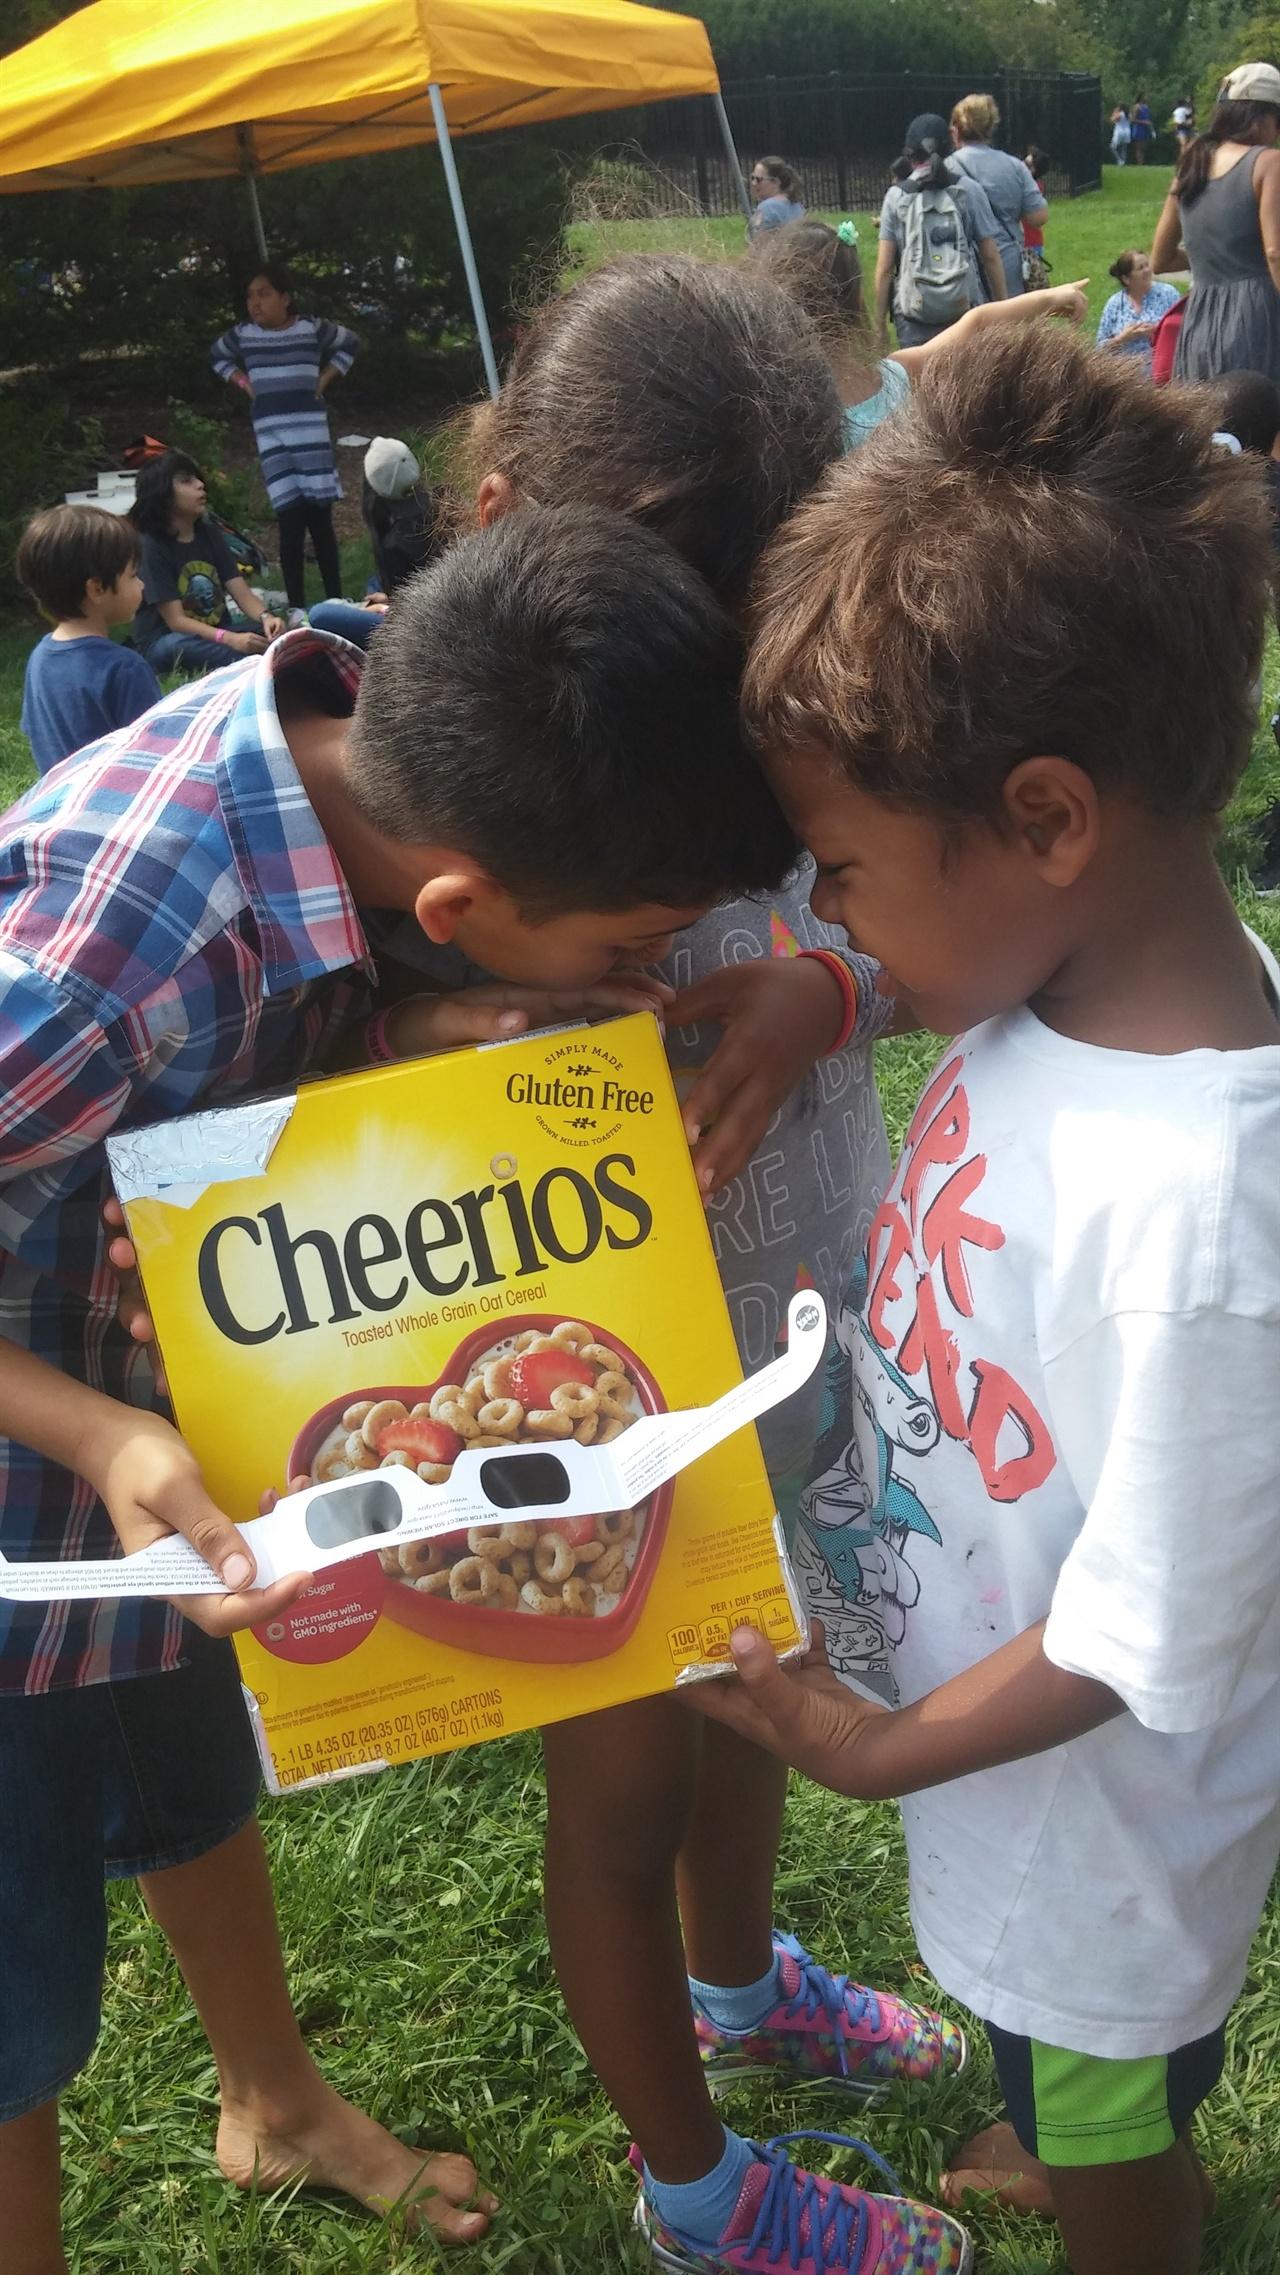 어린이들이 씨리얼 상자로 직접 만든 망원경으로 개기일식을 보고 있다.